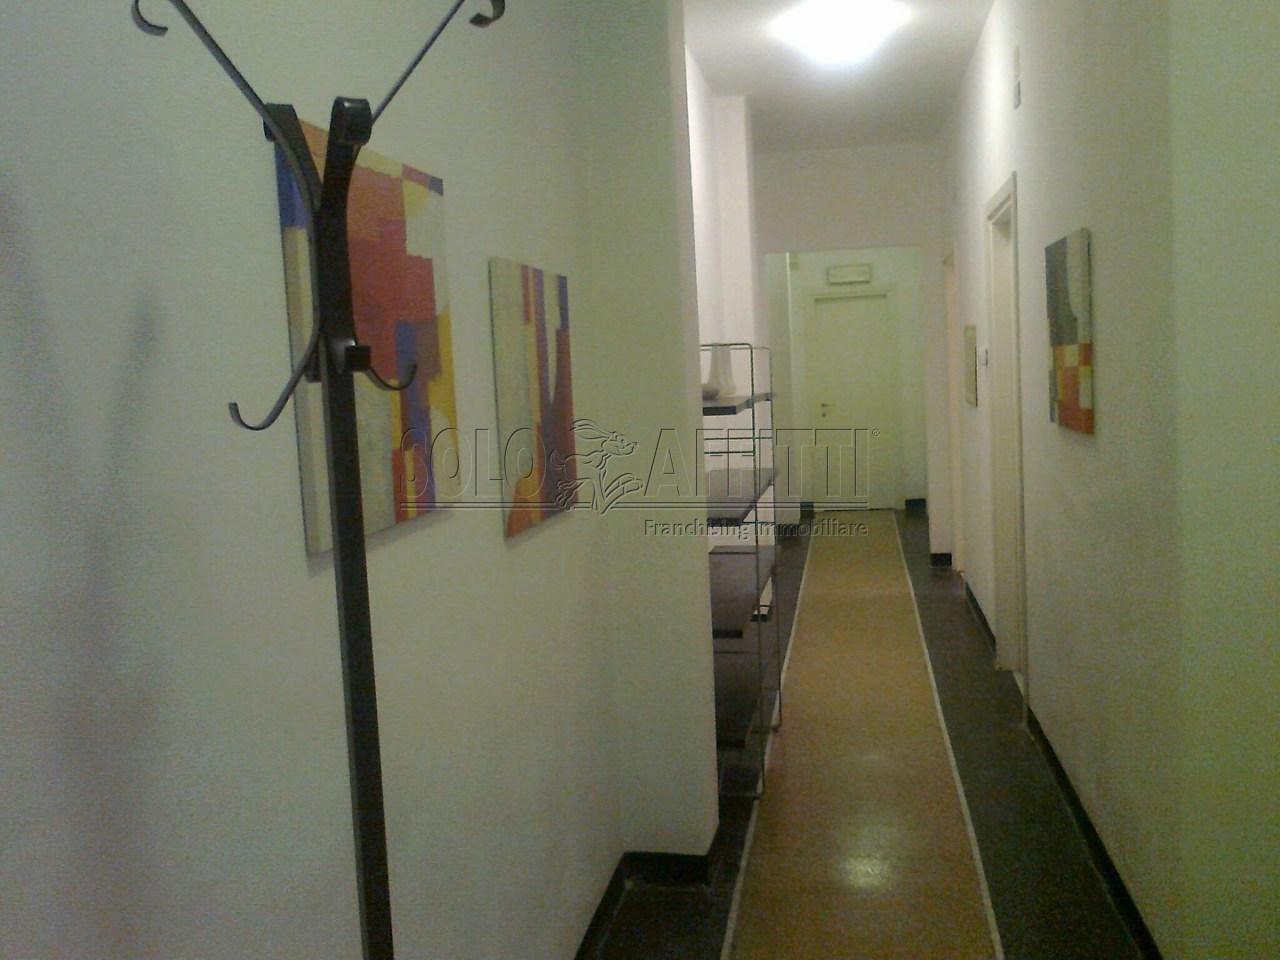 Ufficio / Studio in affitto a Finale Ligure, 6 locali, prezzo € 1.200 | PortaleAgenzieImmobiliari.it